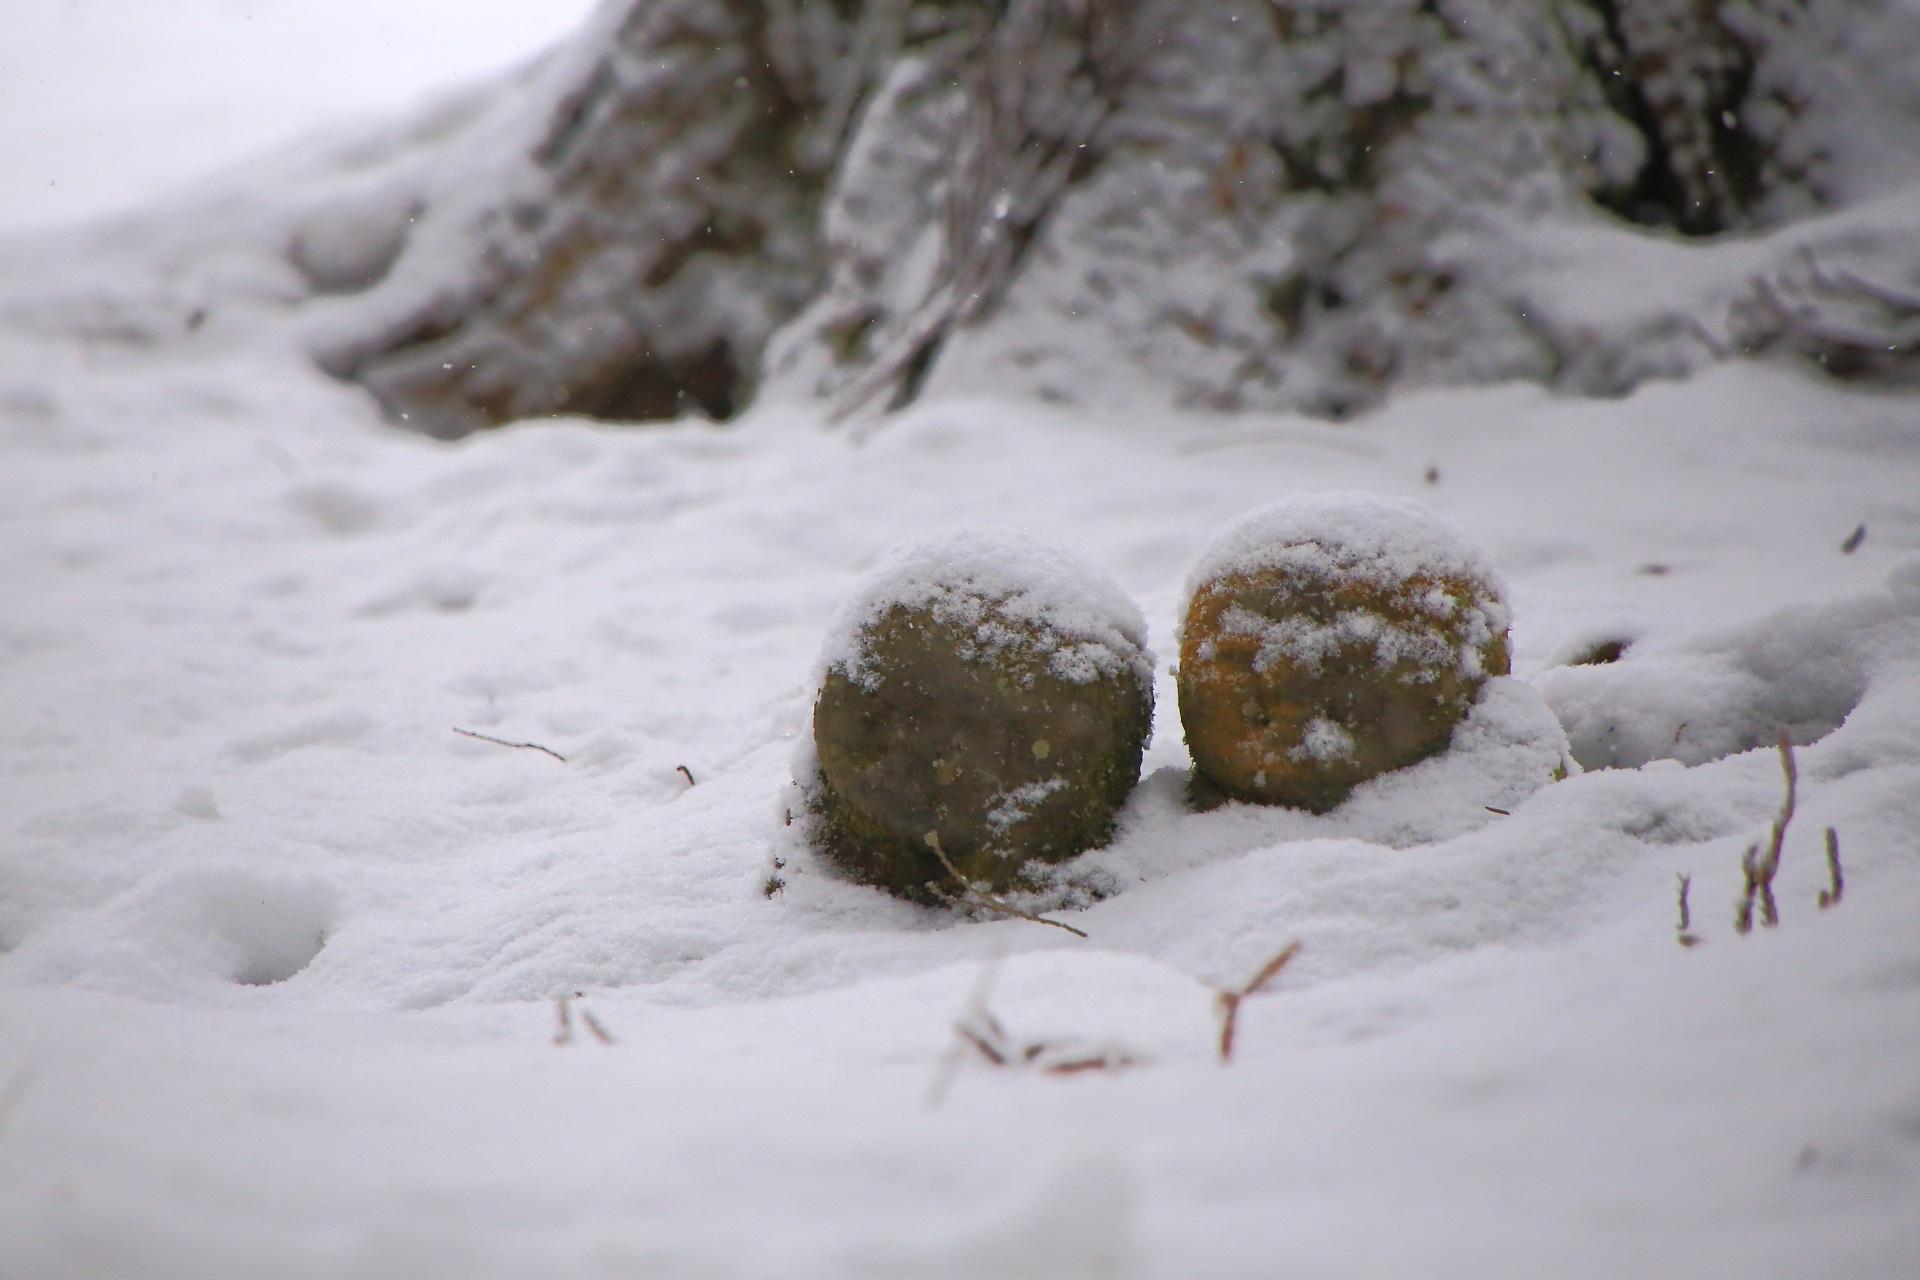 ふわふわの雪に覆われた三千院のわらべ地蔵さん